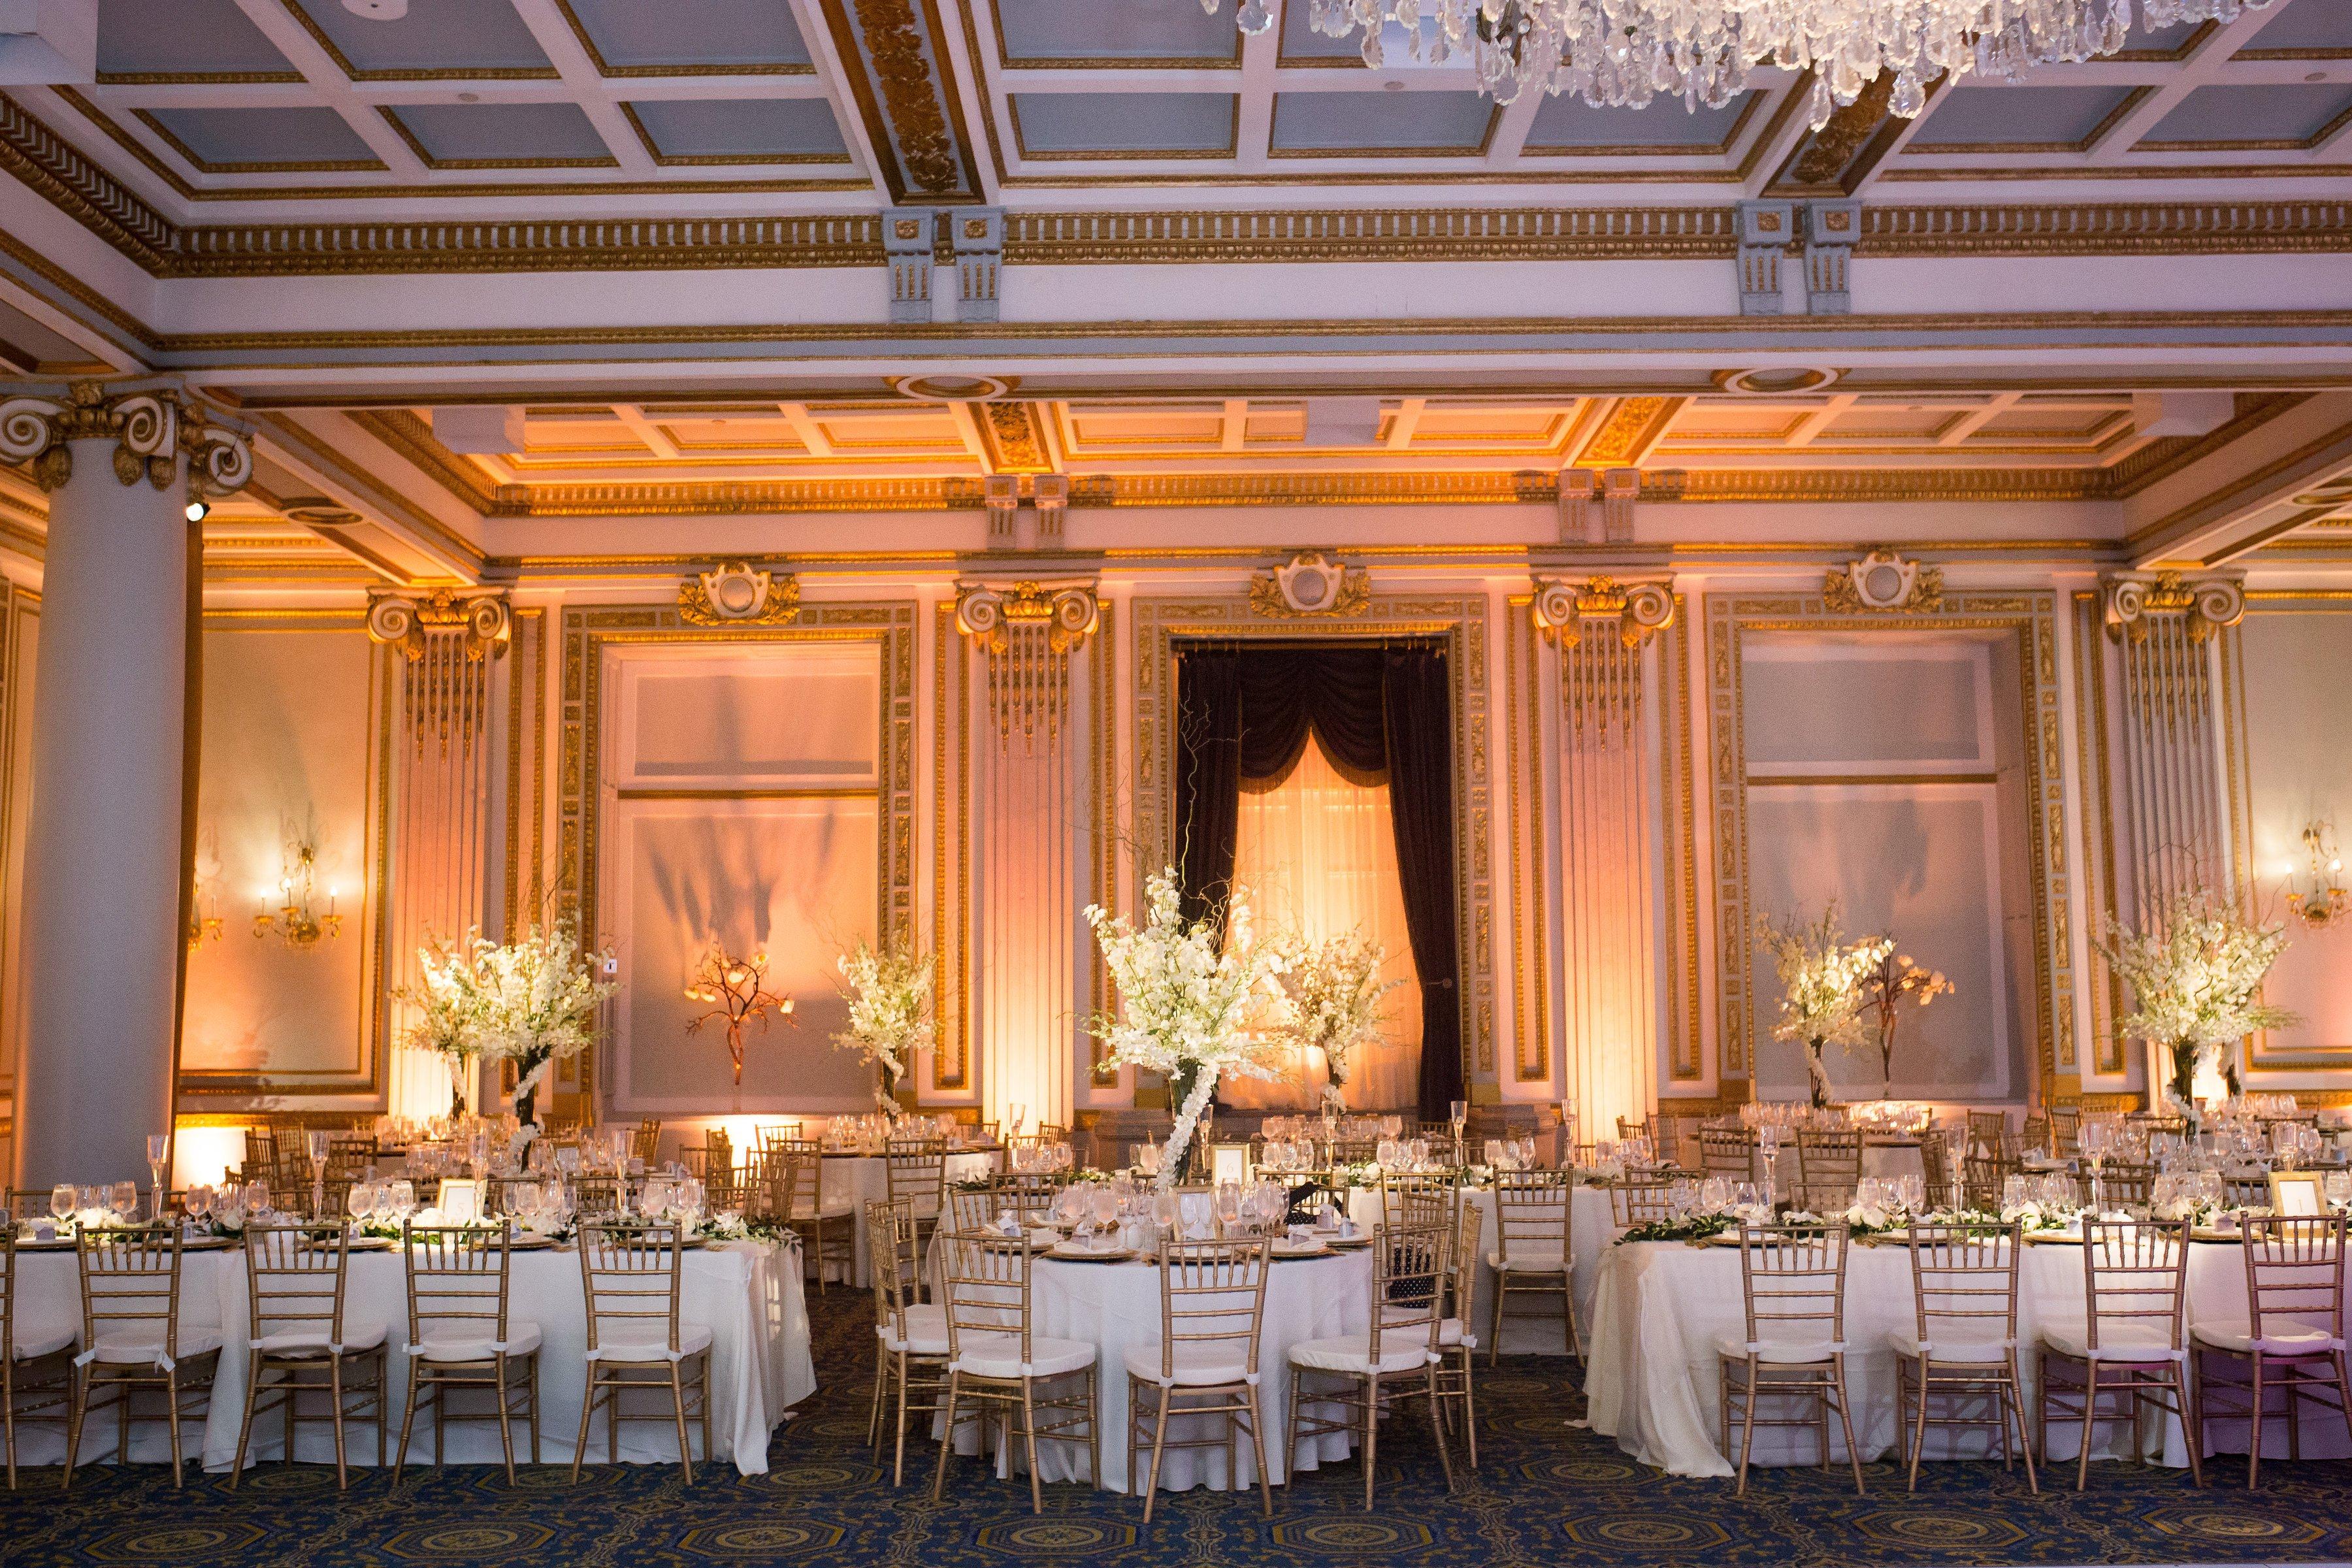 Decoration De Salle Pour Nouvel An le windsor ballrooms - montreal corporate events, wedding